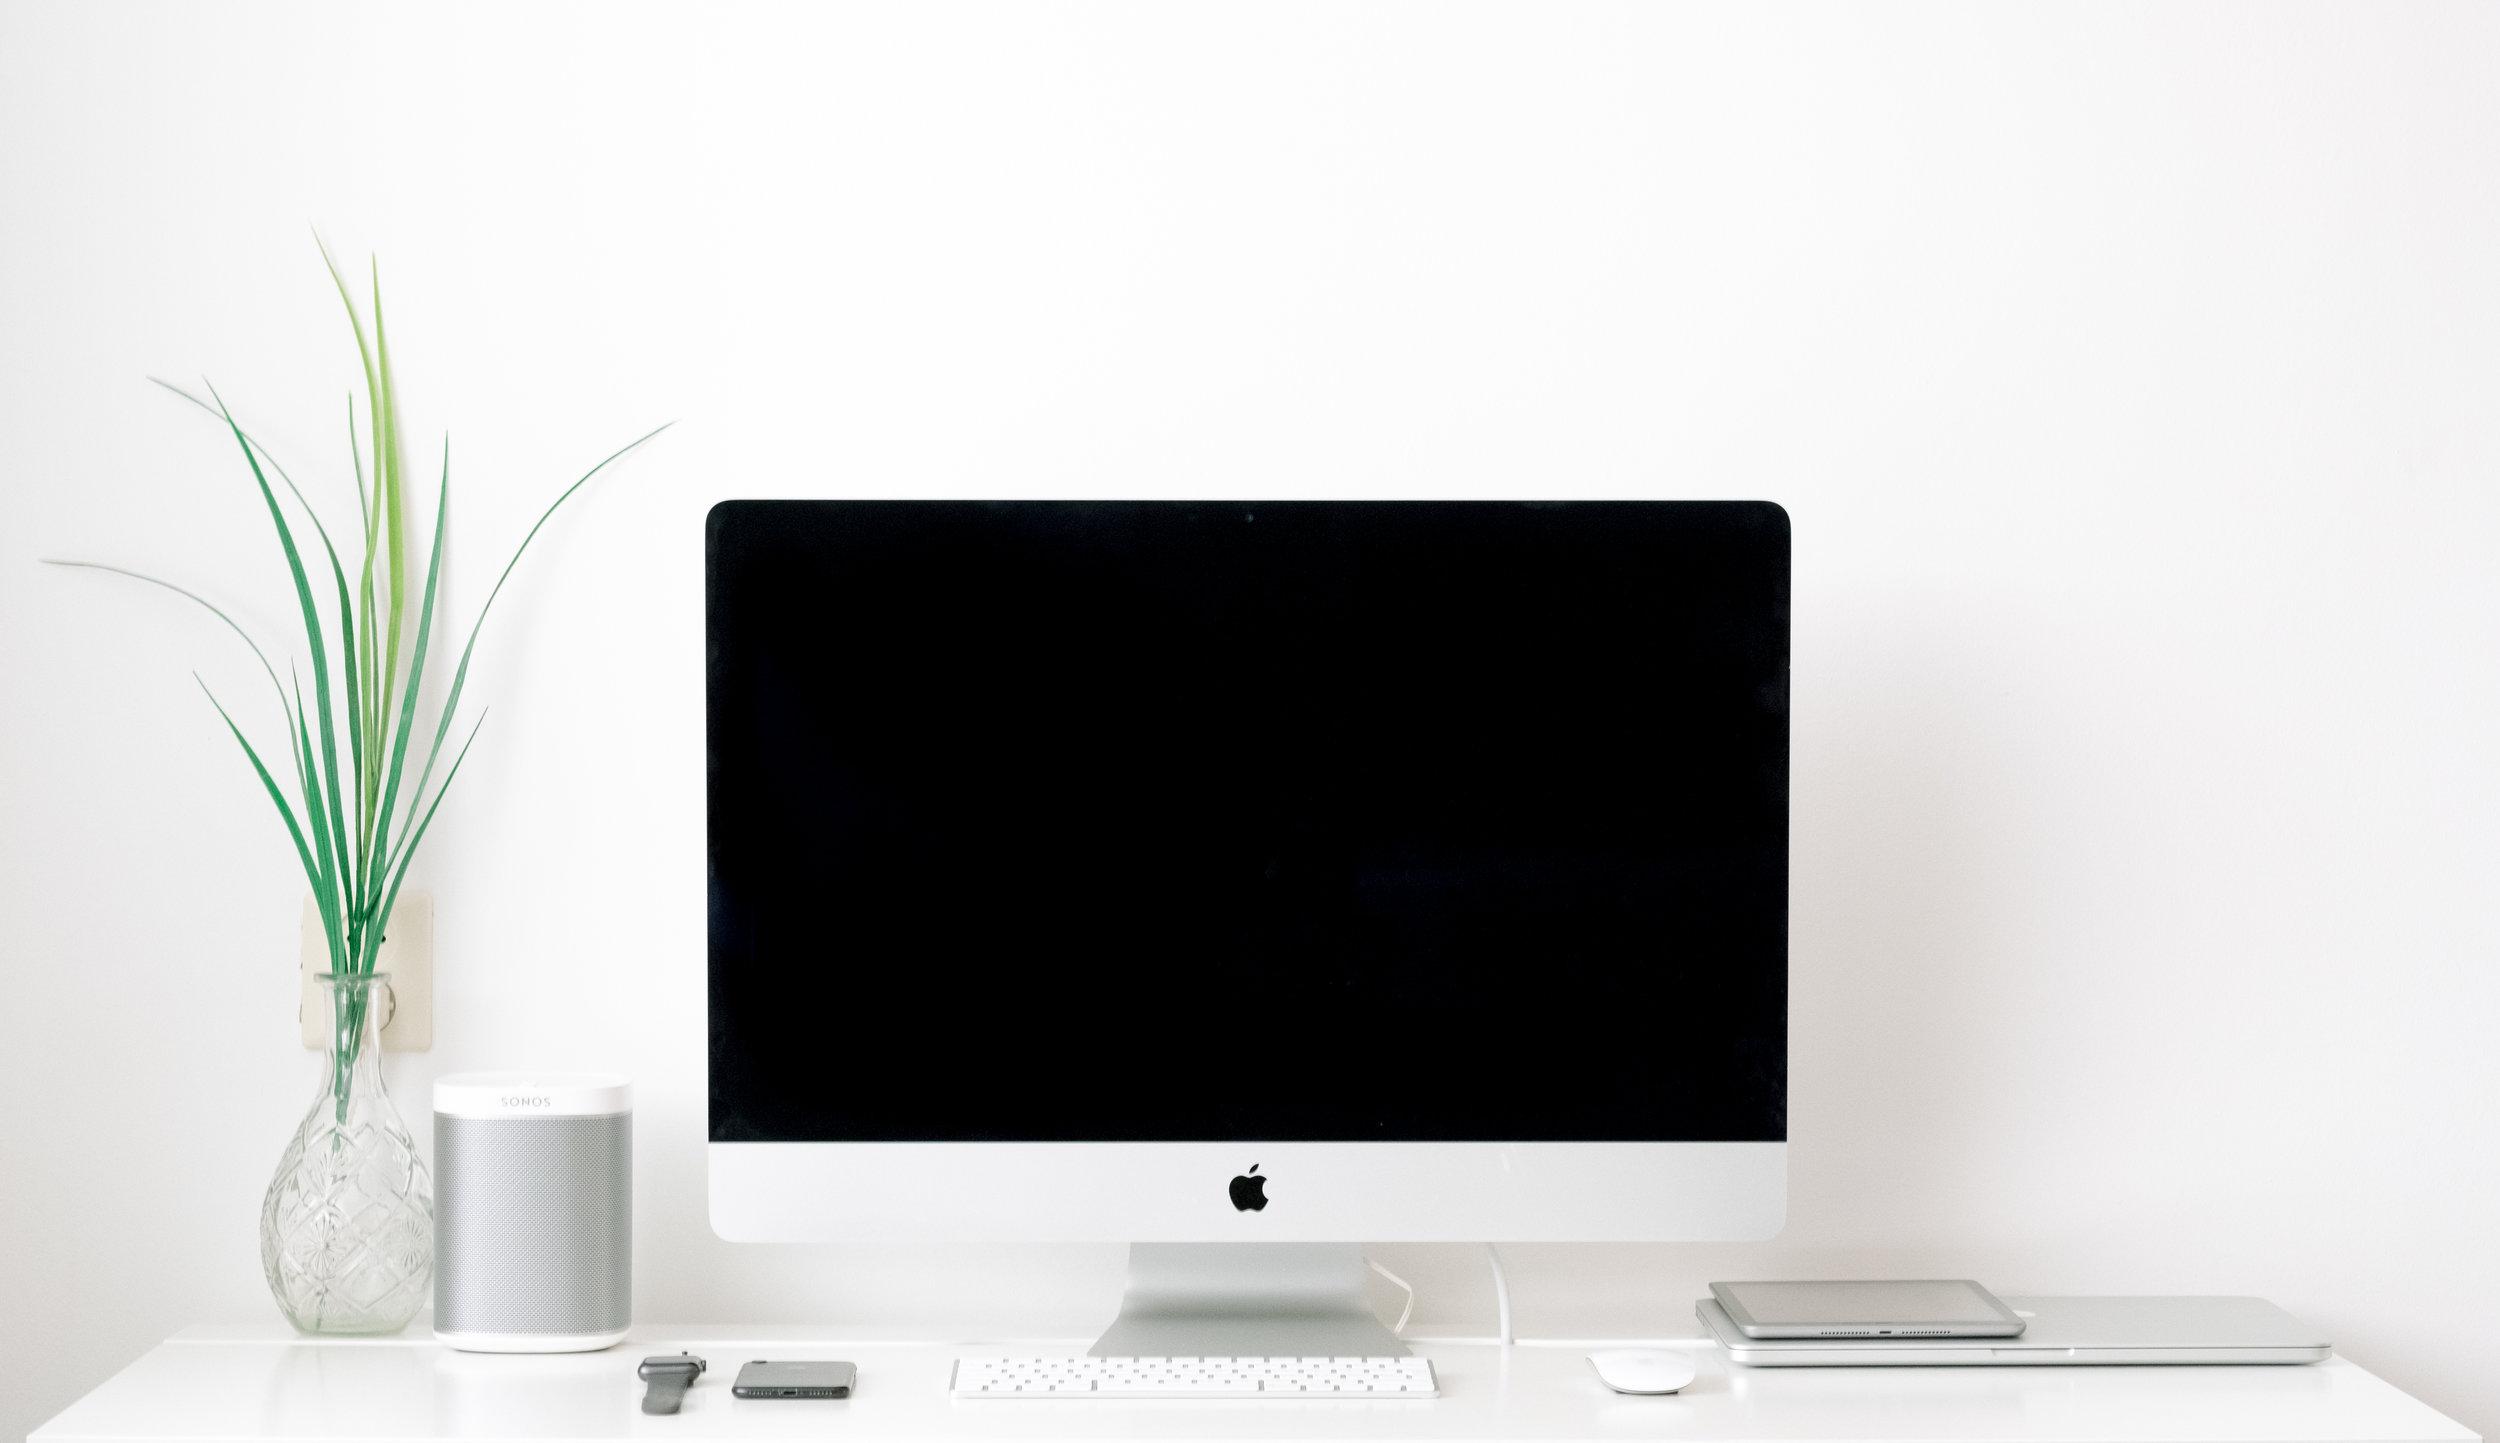 iMac Repair Services -